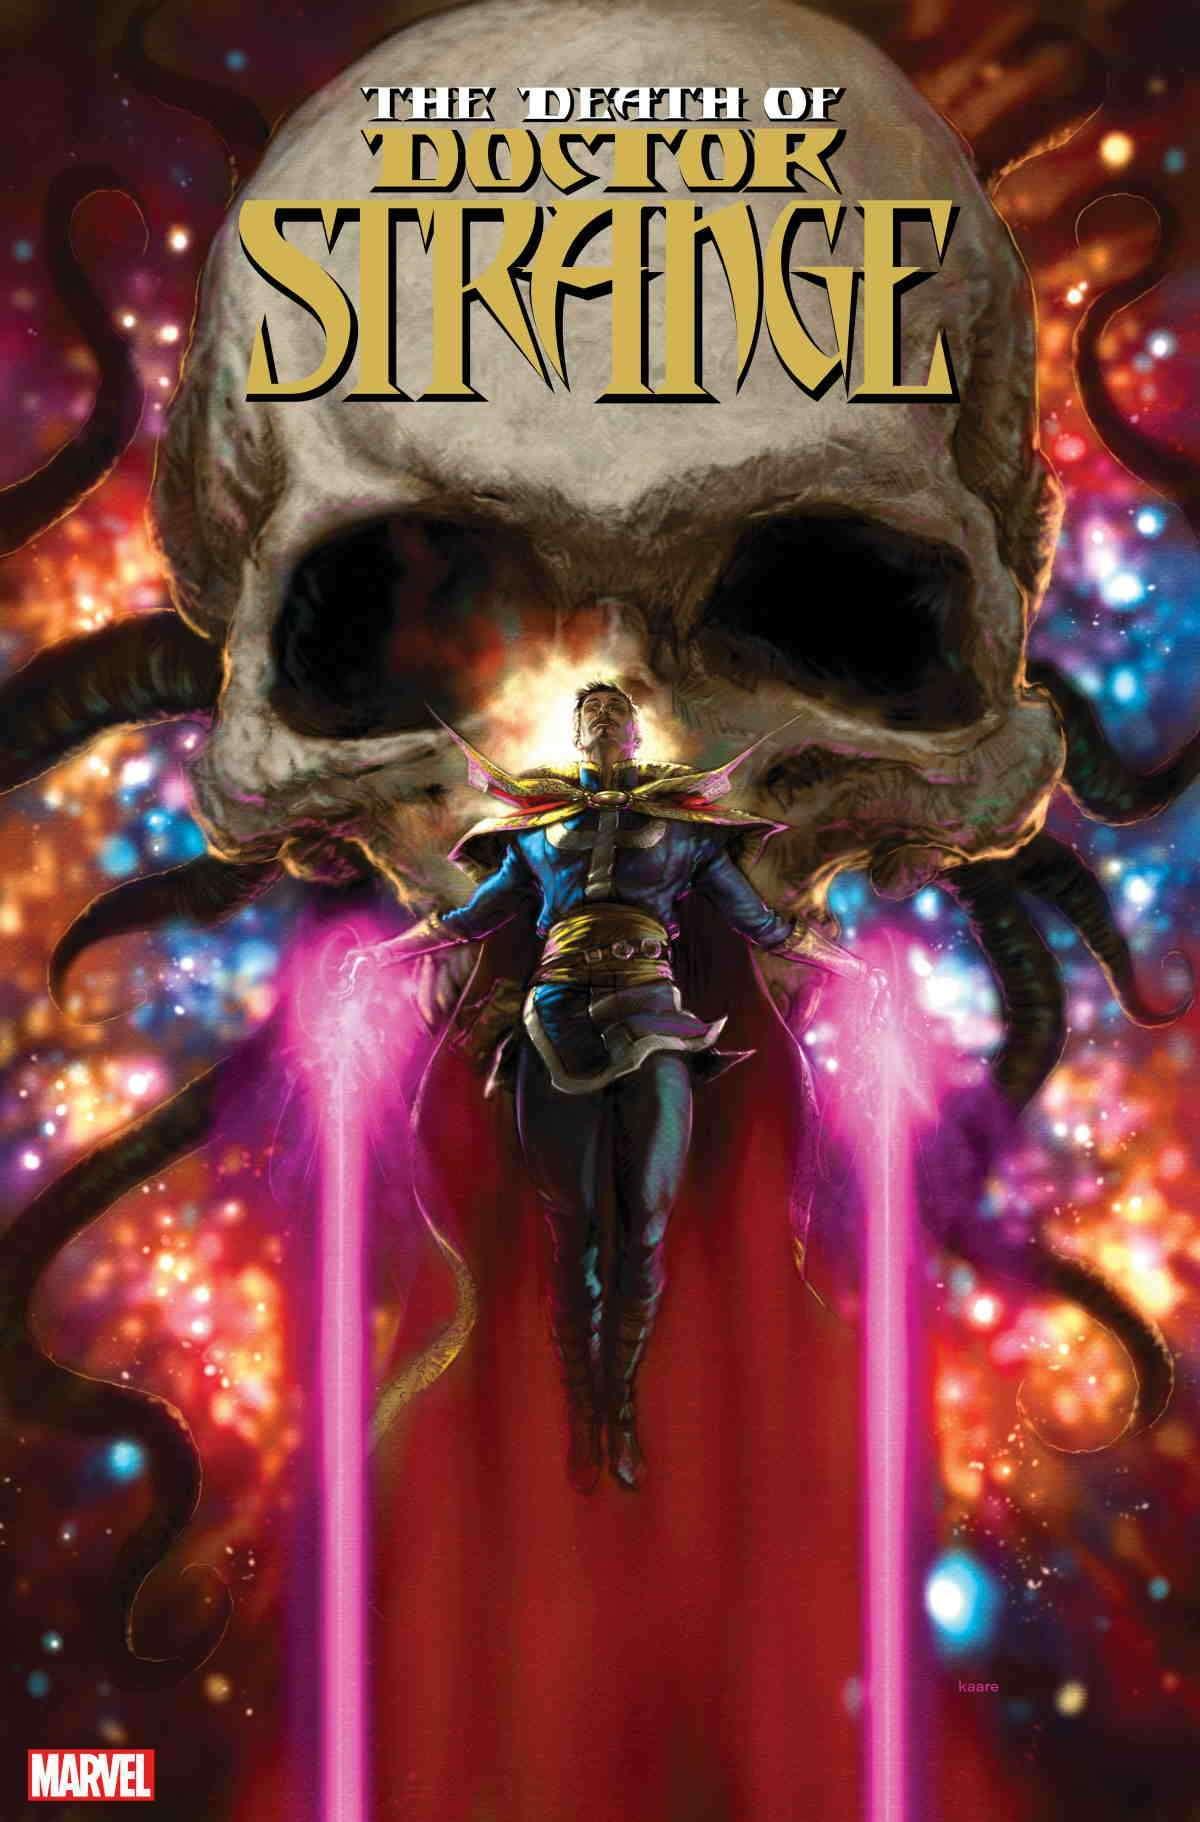 Marvel представили трейлер истории «Смерть Доктора Стрэнджа»